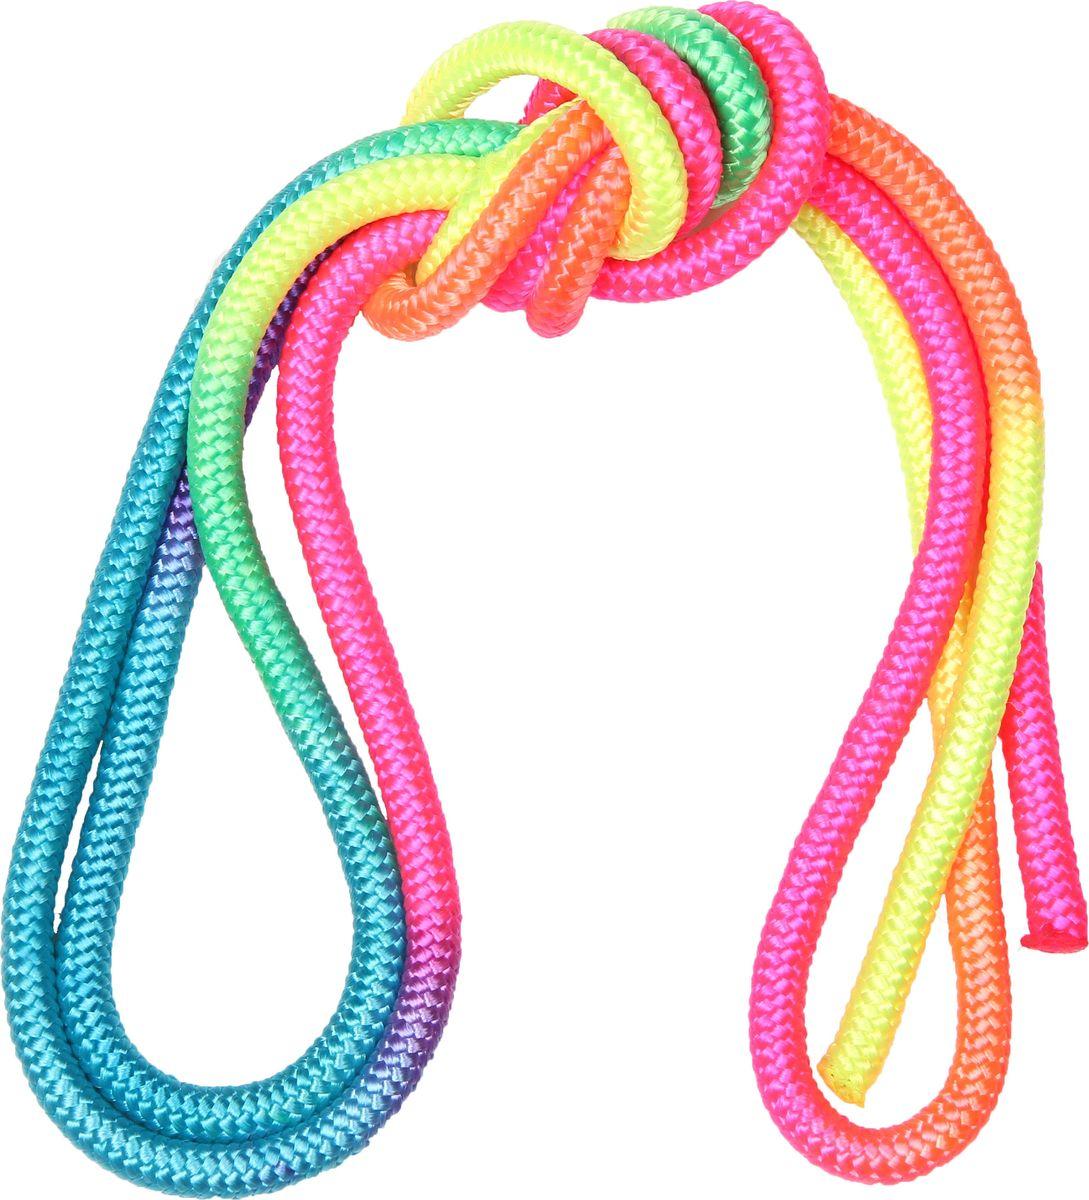 Скакалка гимнастическая Indigo, цвет: разноцветный, 3 м. 0002404100024041Скакалка гимнастическая используется как один из предметов в художественной гимнастике.Яркая Гимнастическая скакалка Great не имеет ручек, вместо них можно завязывать узел или обжигать края в веревочной скакалке.Упражнения со скакалкой для художественной гимнастики хорошо укрепляют мышцы всего тела, особенно ног, повышают состояние общей тренированности и выносливости.Веревка для скакалки должна быть длиной 2,5 - 3 м.